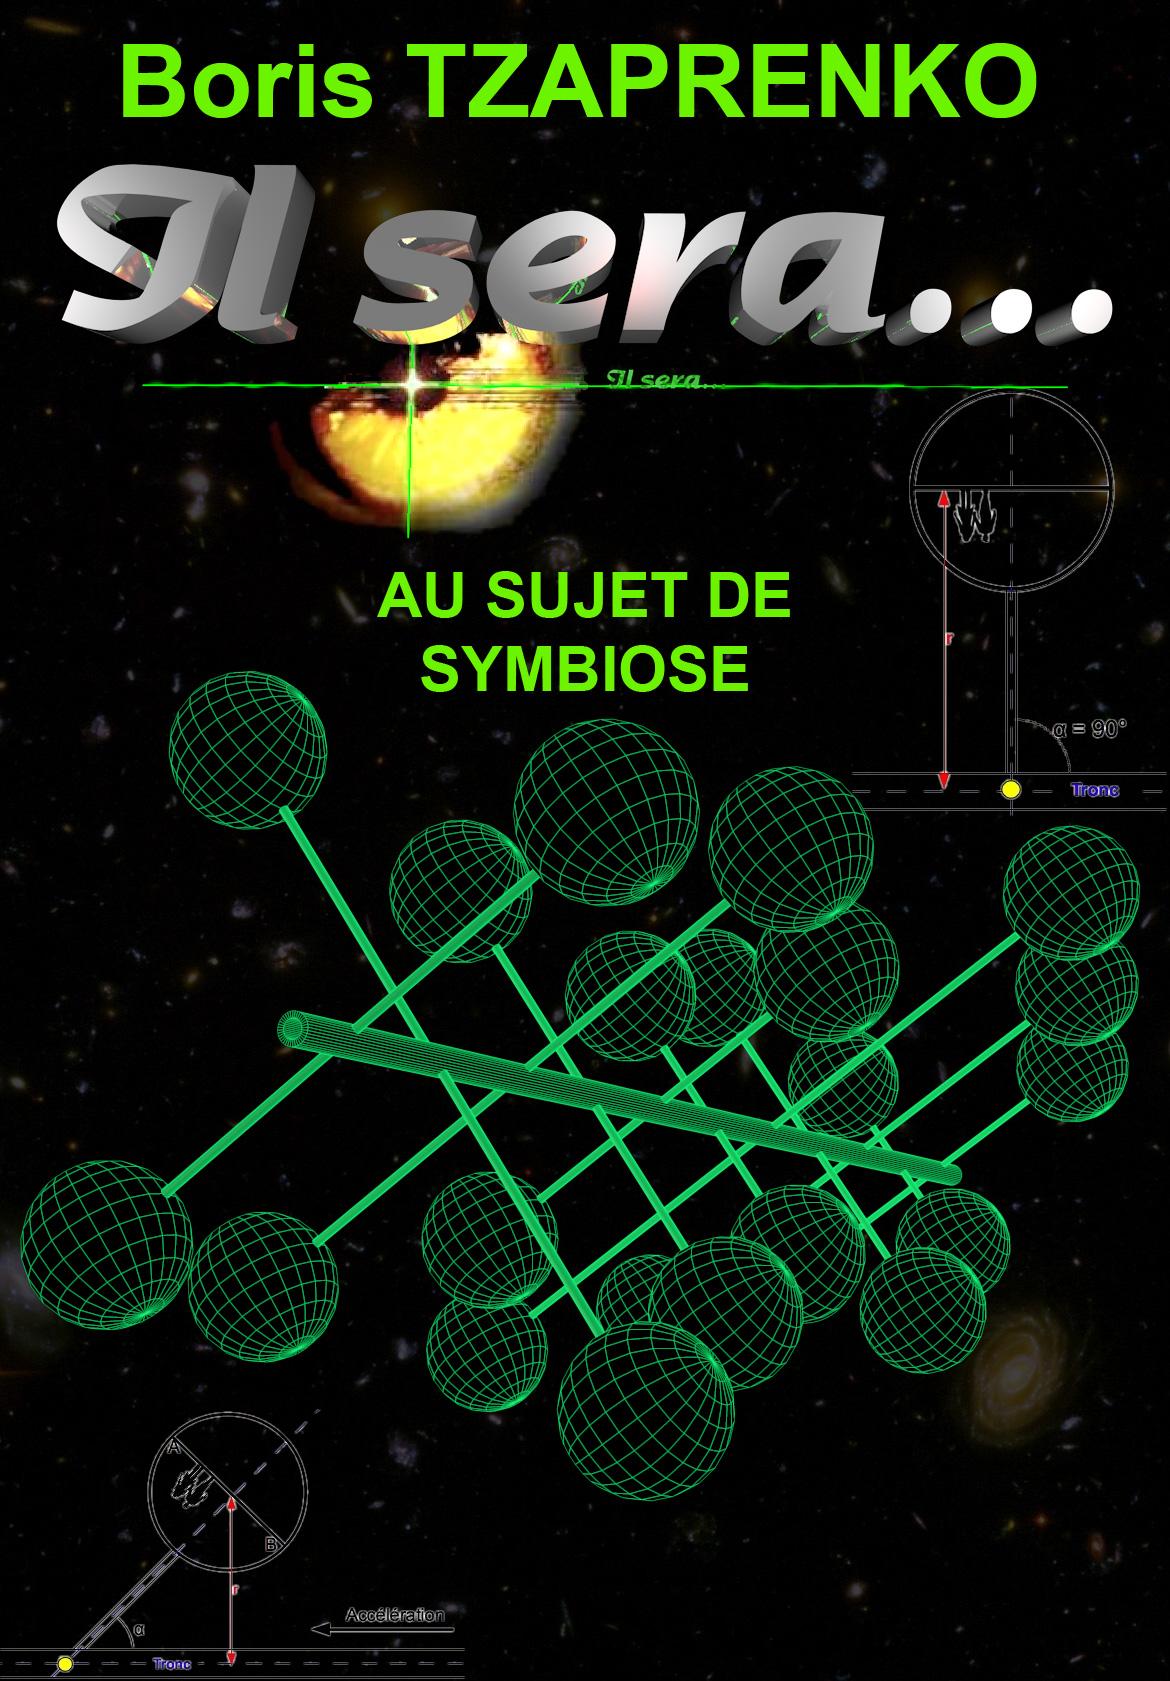 Au sujet de Symbiose. Boris Tzaprenko